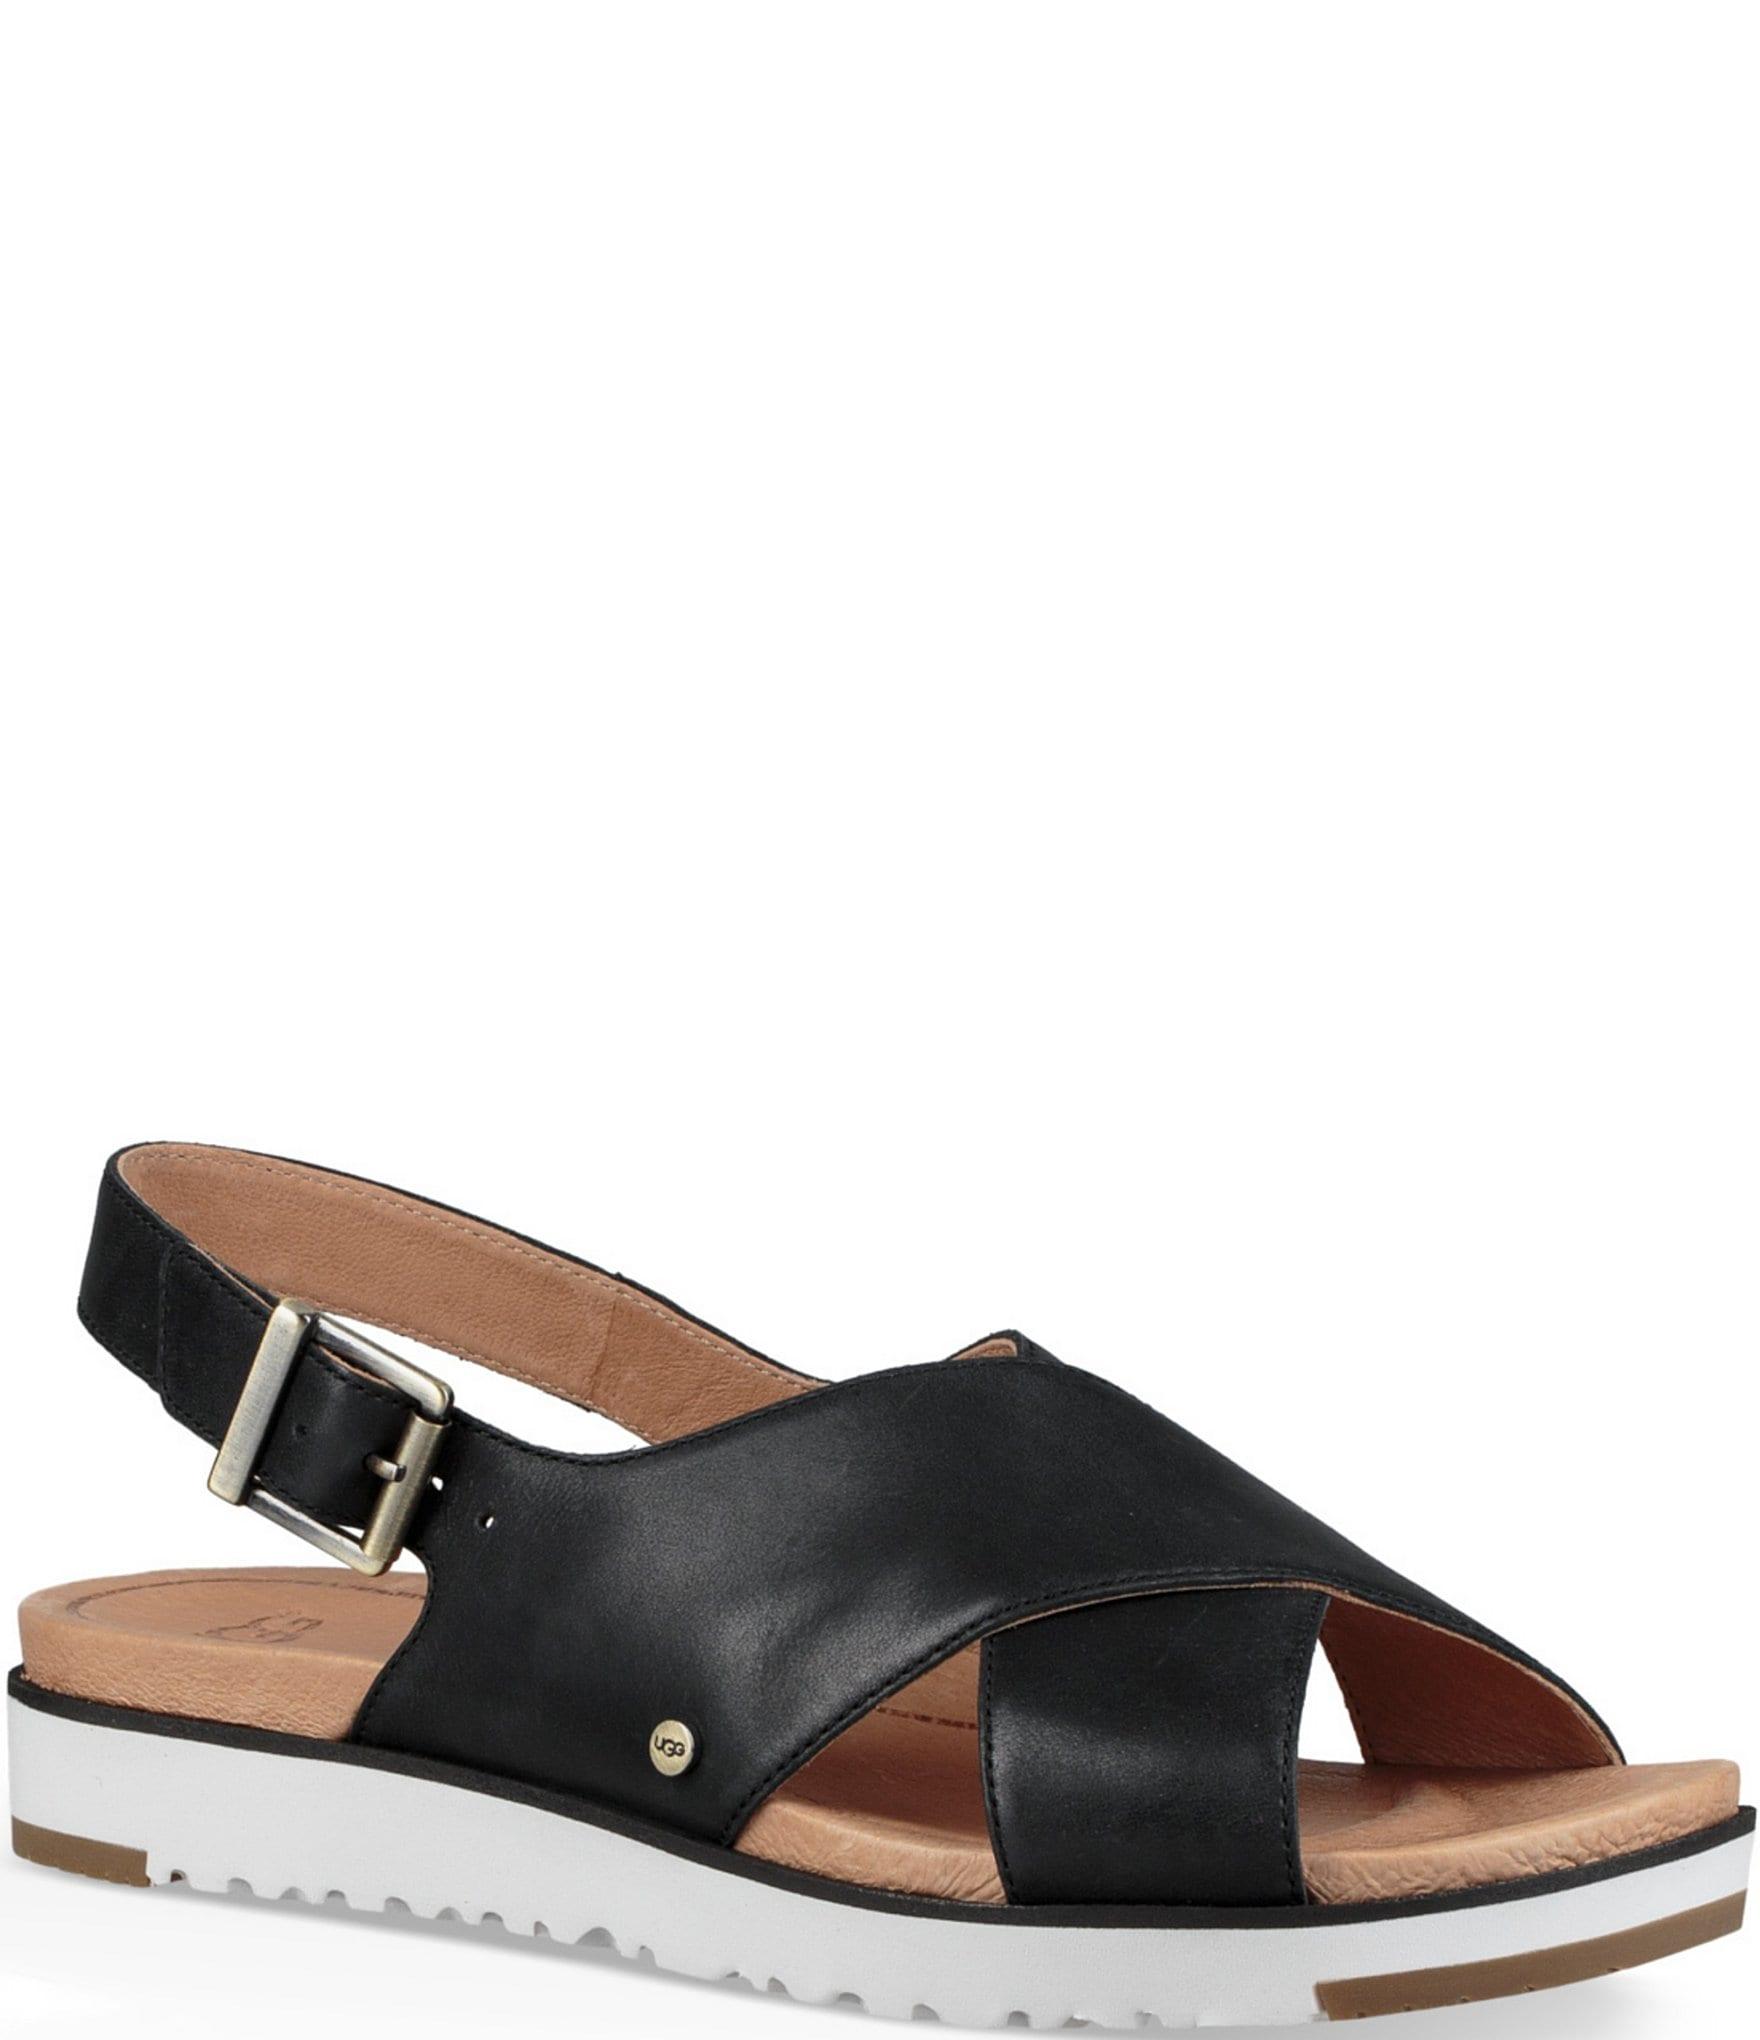 39d5928fd2d UGG® Kamile Banded Sandals | Dillard's